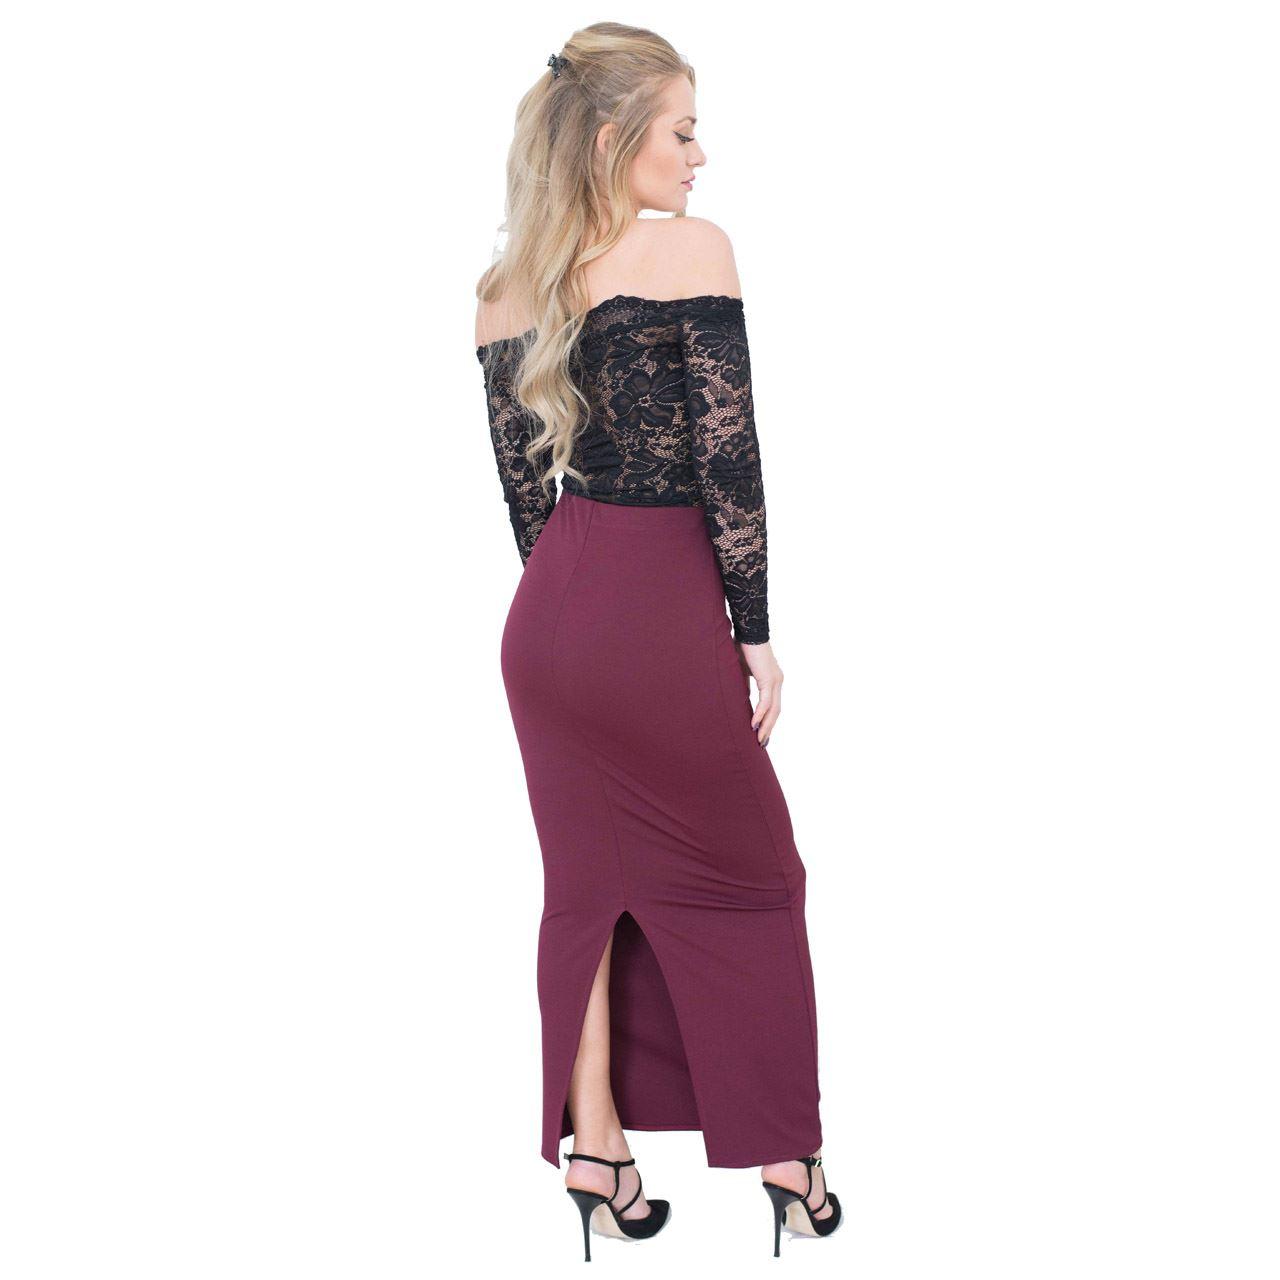 Ribkoff long maxi bodycon skirt albuquerque overnight shipping